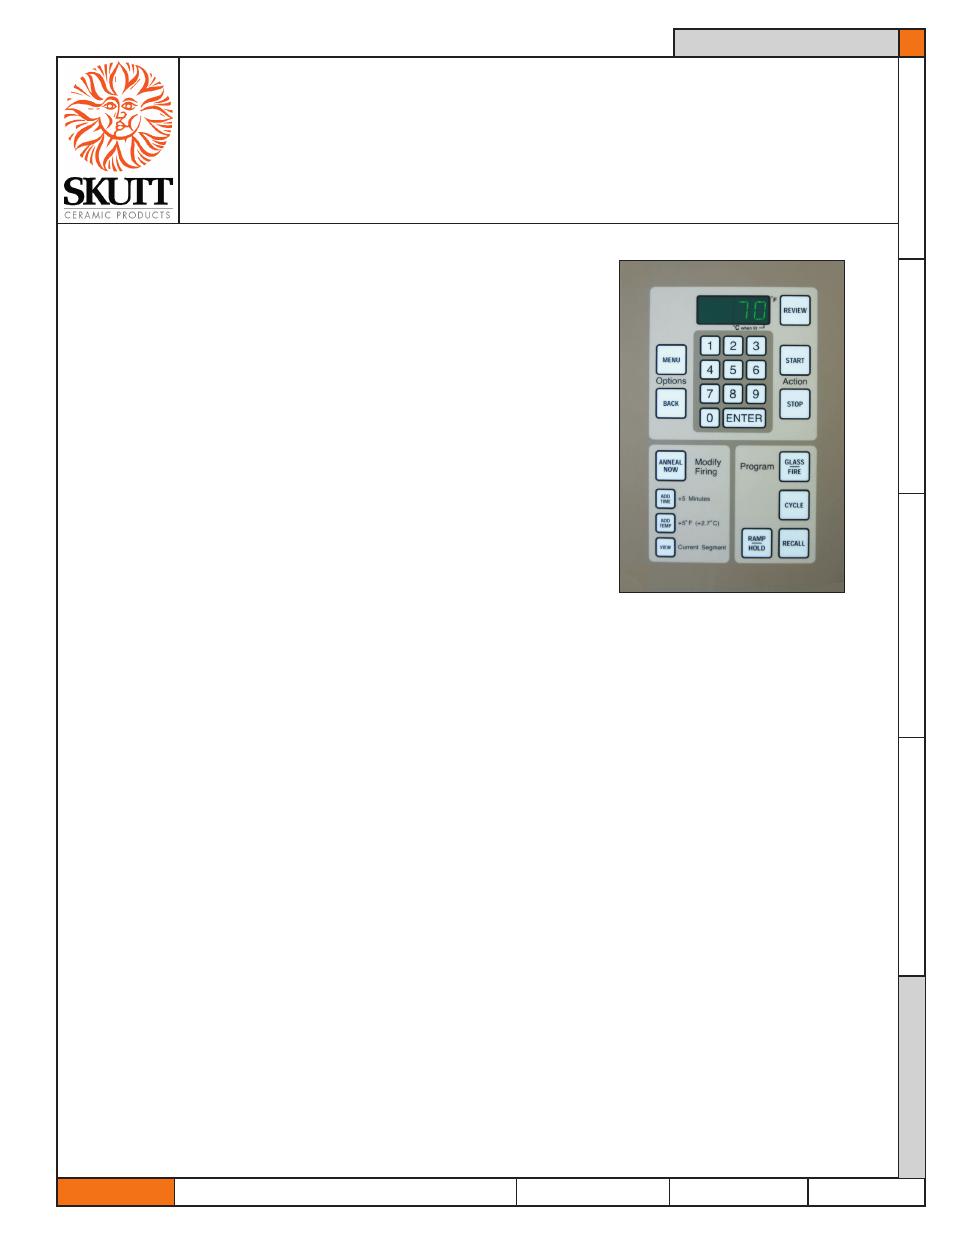 medium resolution of skutt glassmaster 700 board user manual 17 pagesglassmaster wiring diagram 9